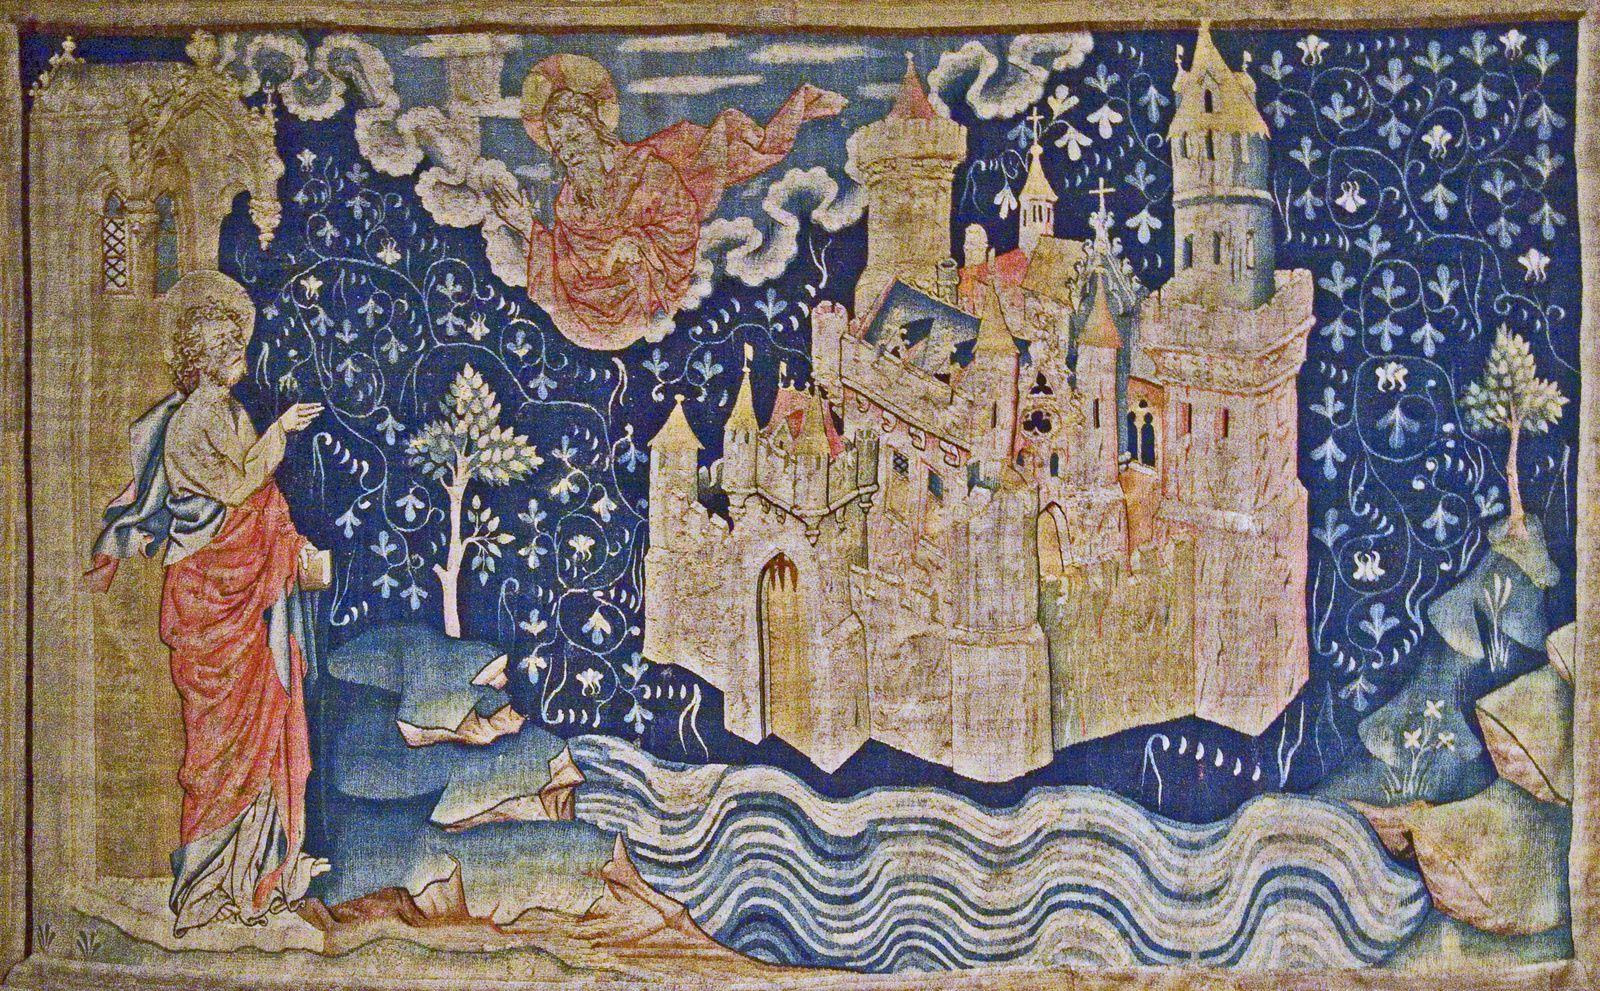 A Angers, la Jérusalem céleste d'Hennequin de Bruges. Noter les Y pythagoriciens, symboles des bifurcations du libre arbitre.